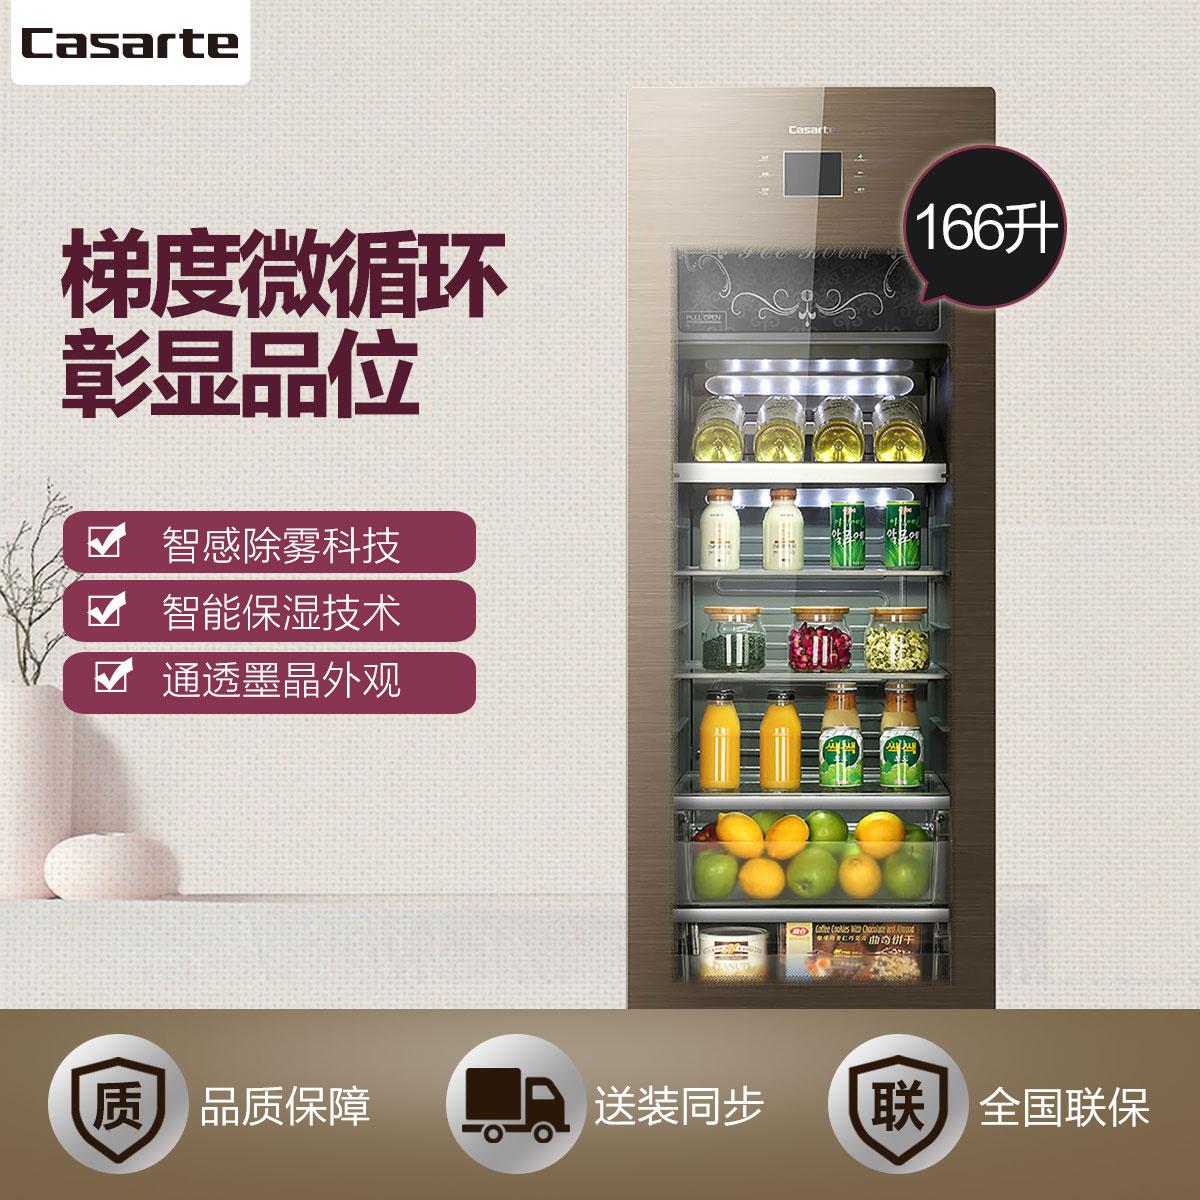 Casarte/卡萨帝 冰吧 DS0166D 166升 高端冰吧 母婴冰箱 冷藏柜 商务冰箱 茶叶柜 展示柜 红酒柜 饮料柜